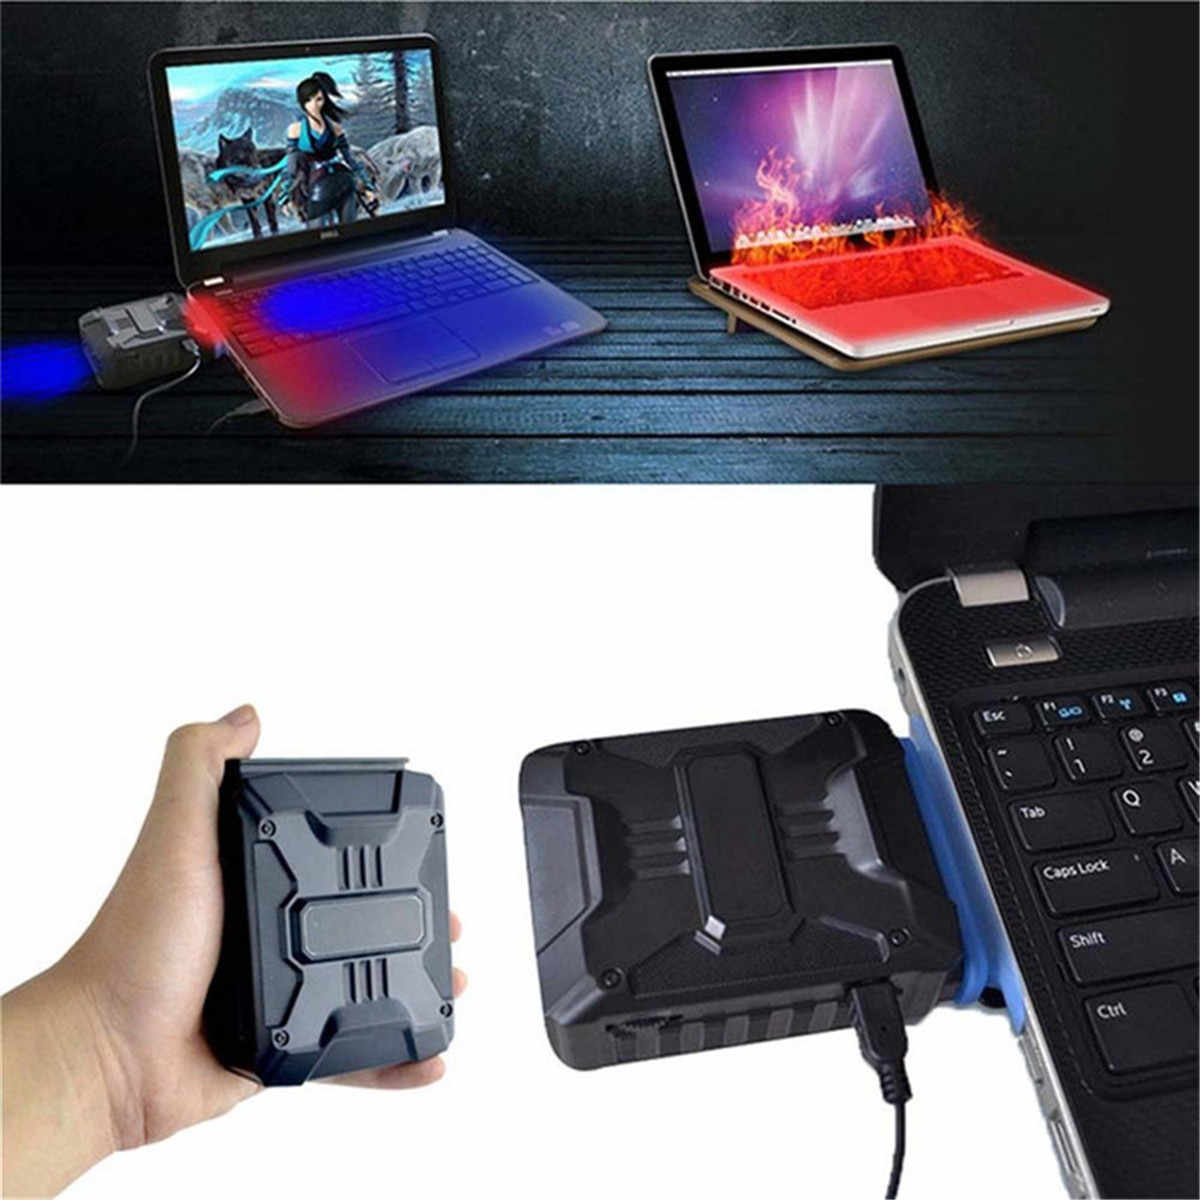 أحدث المحمولة مروحة تبريد صغيرة وحدة المعالجة المركزية مروحة التبريد فراغ USB مبرد كمبيوتر محمول مروحة الهواء استخراج برودة للكمبيوتر المحمول